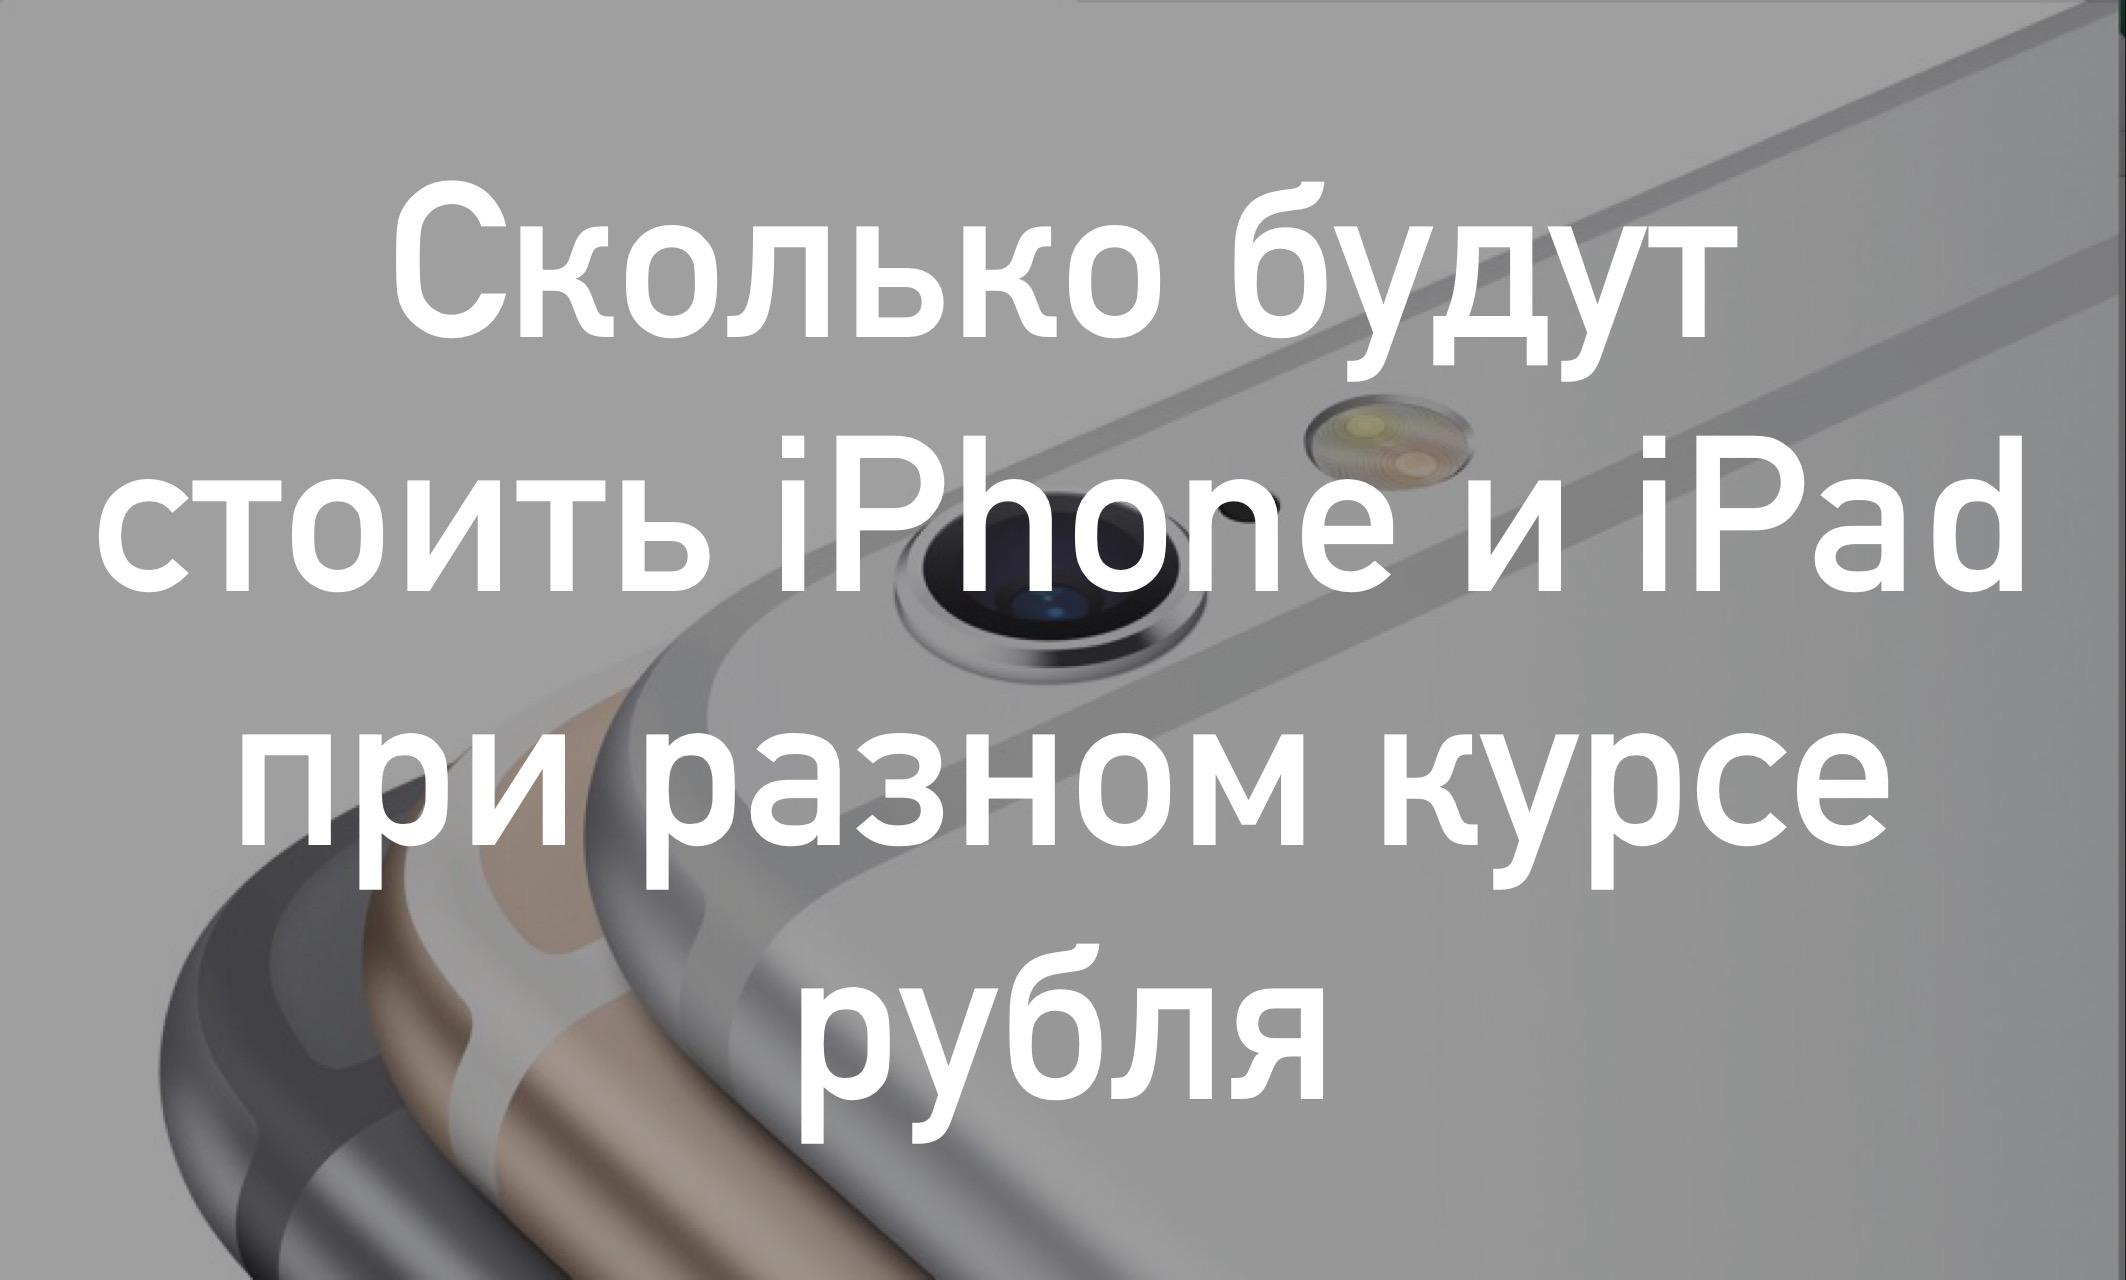 Сколько будут стоить iPhone и iPad при разном курсе рубля